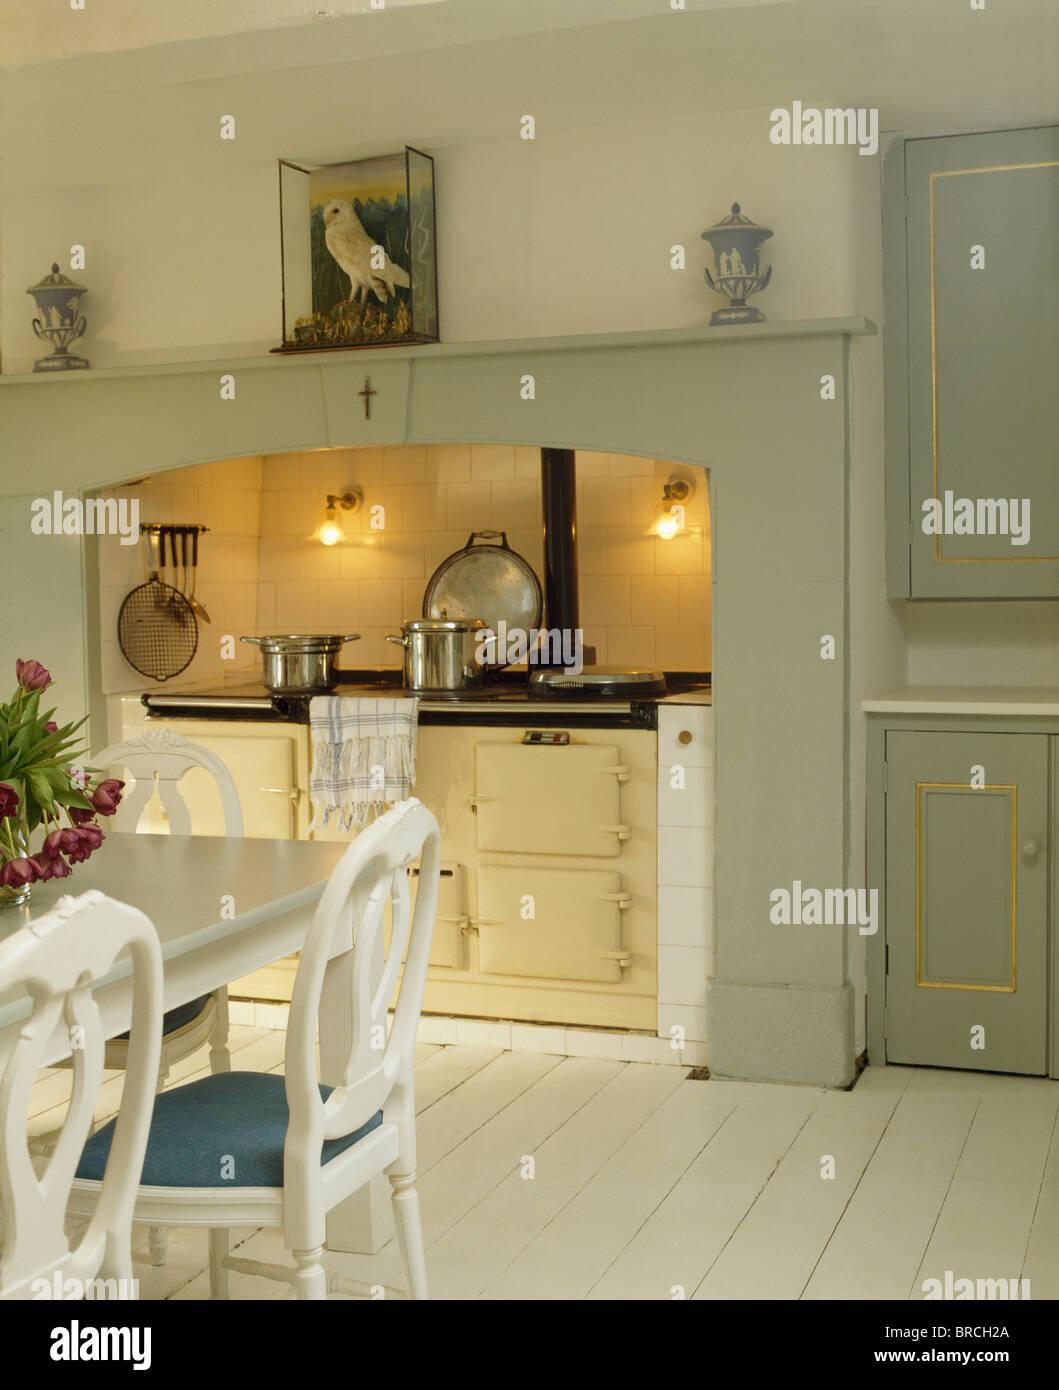 Ziemlich Bauernküche Leuchten Bilder - Küchenschrank Ideen ...